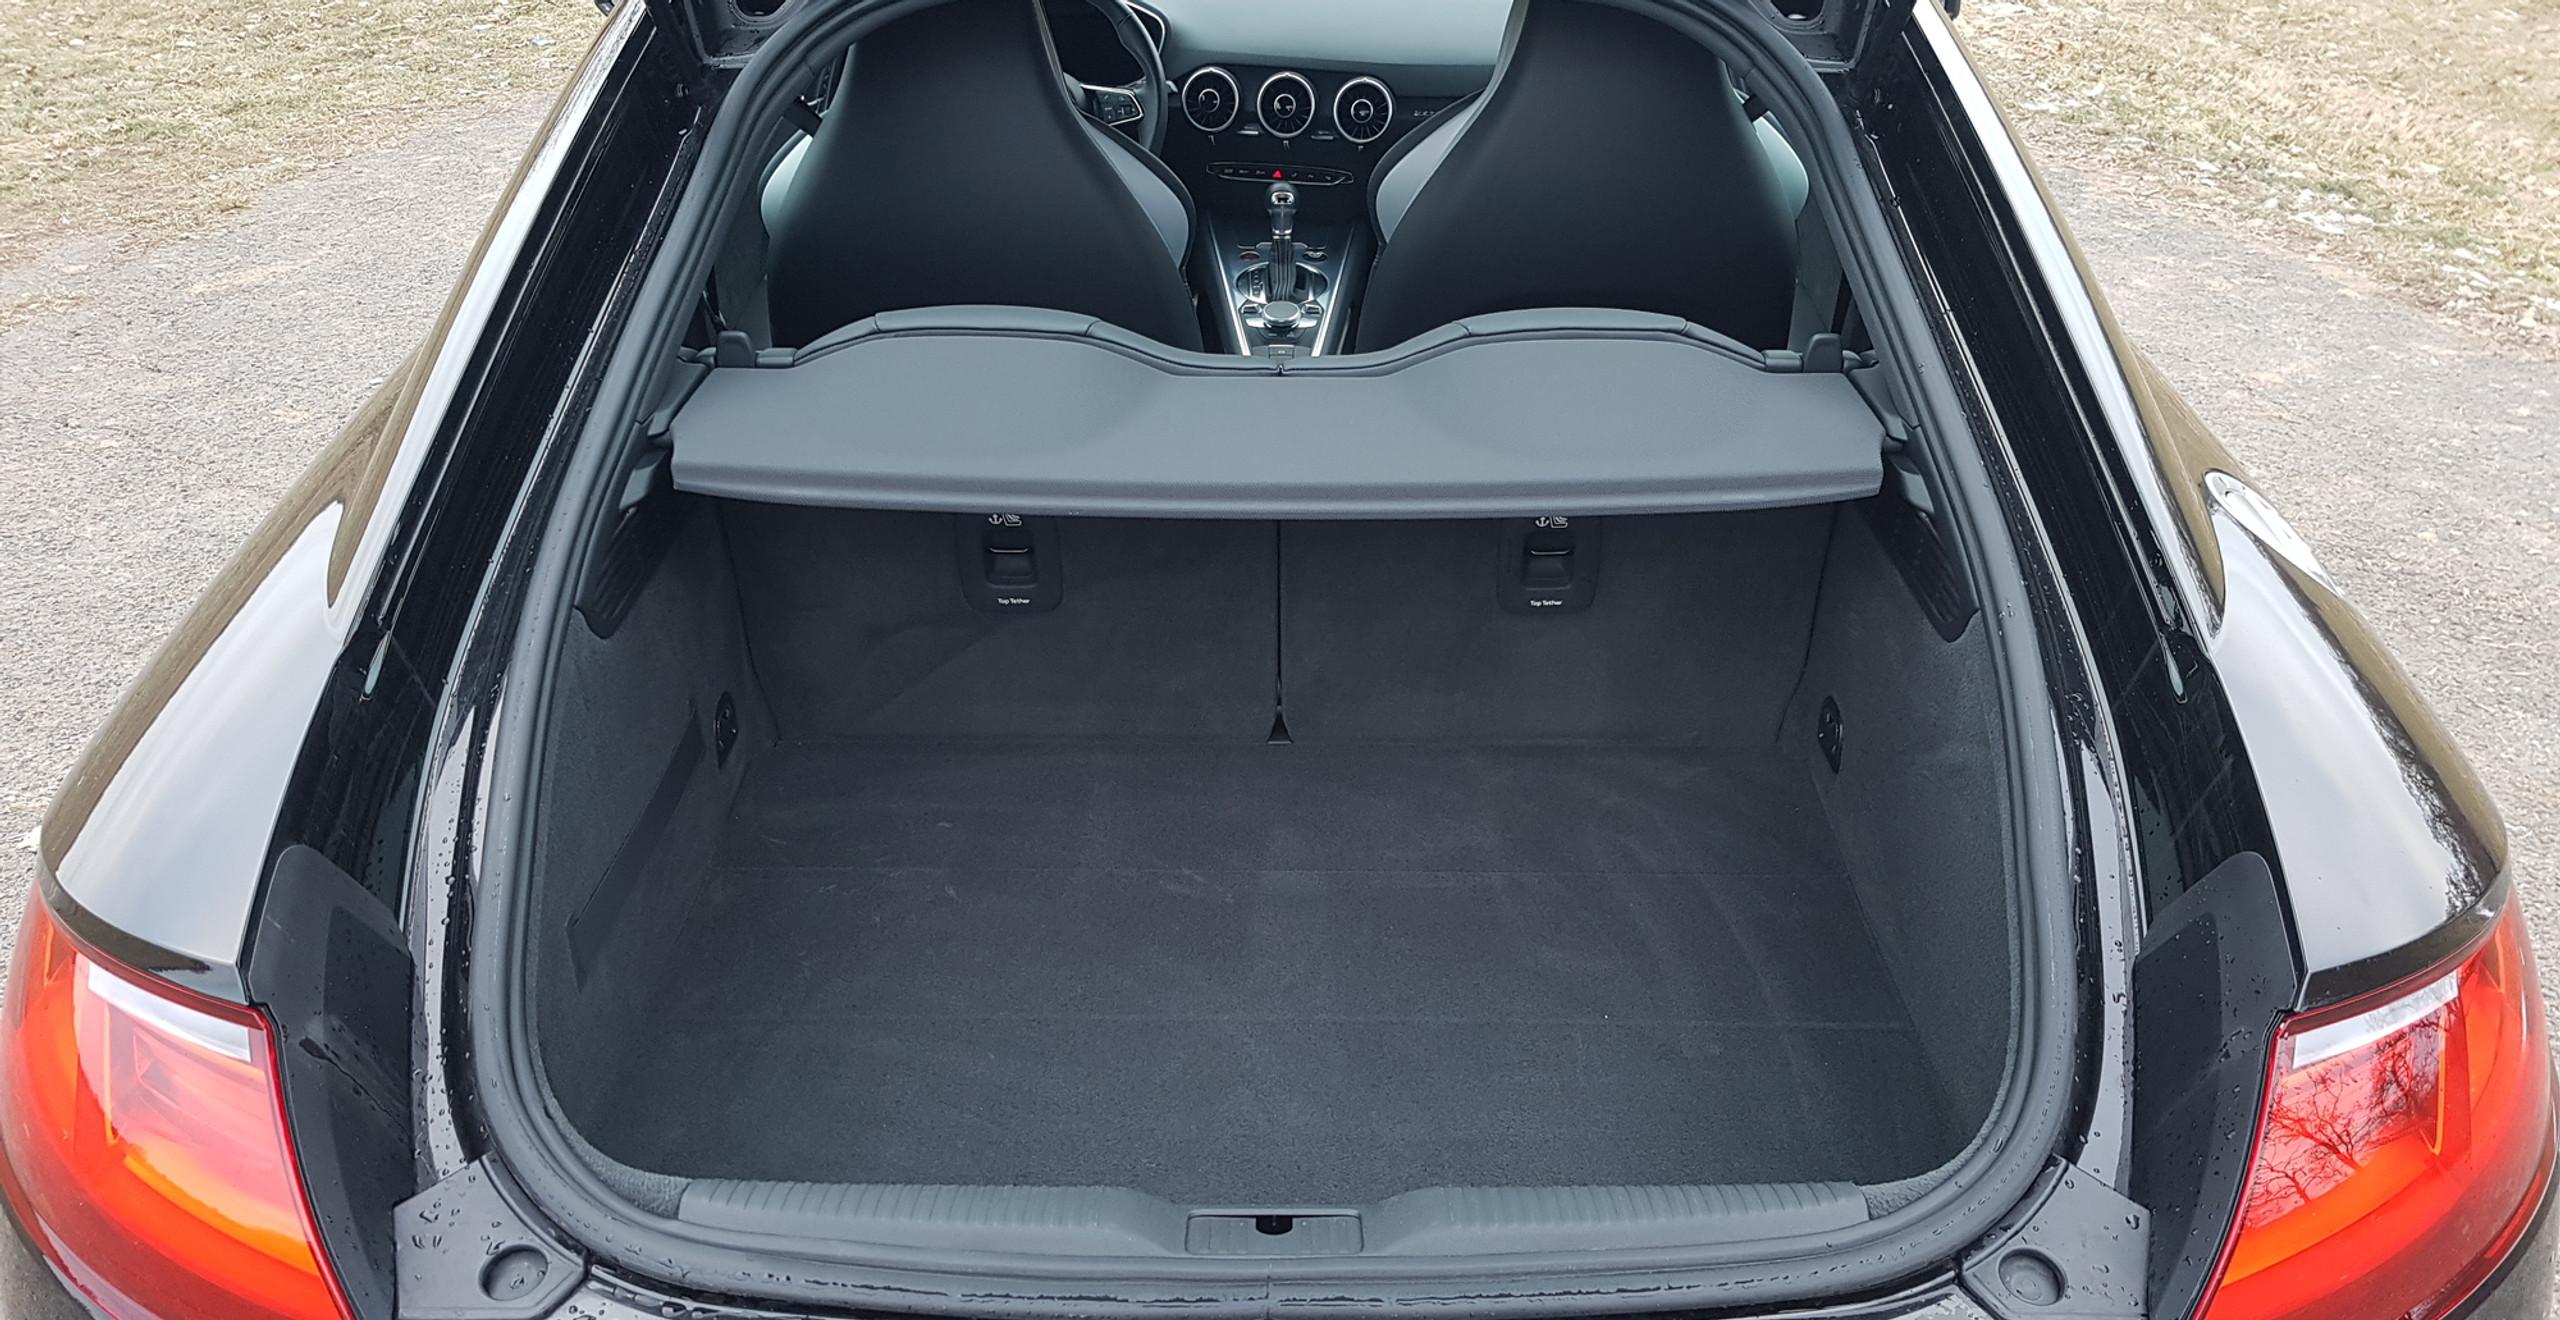 Import Auto Allemagne - Auto Convoi Allemagne - Audi TTS Coupé 2.0 TFSI Quattro 310ch